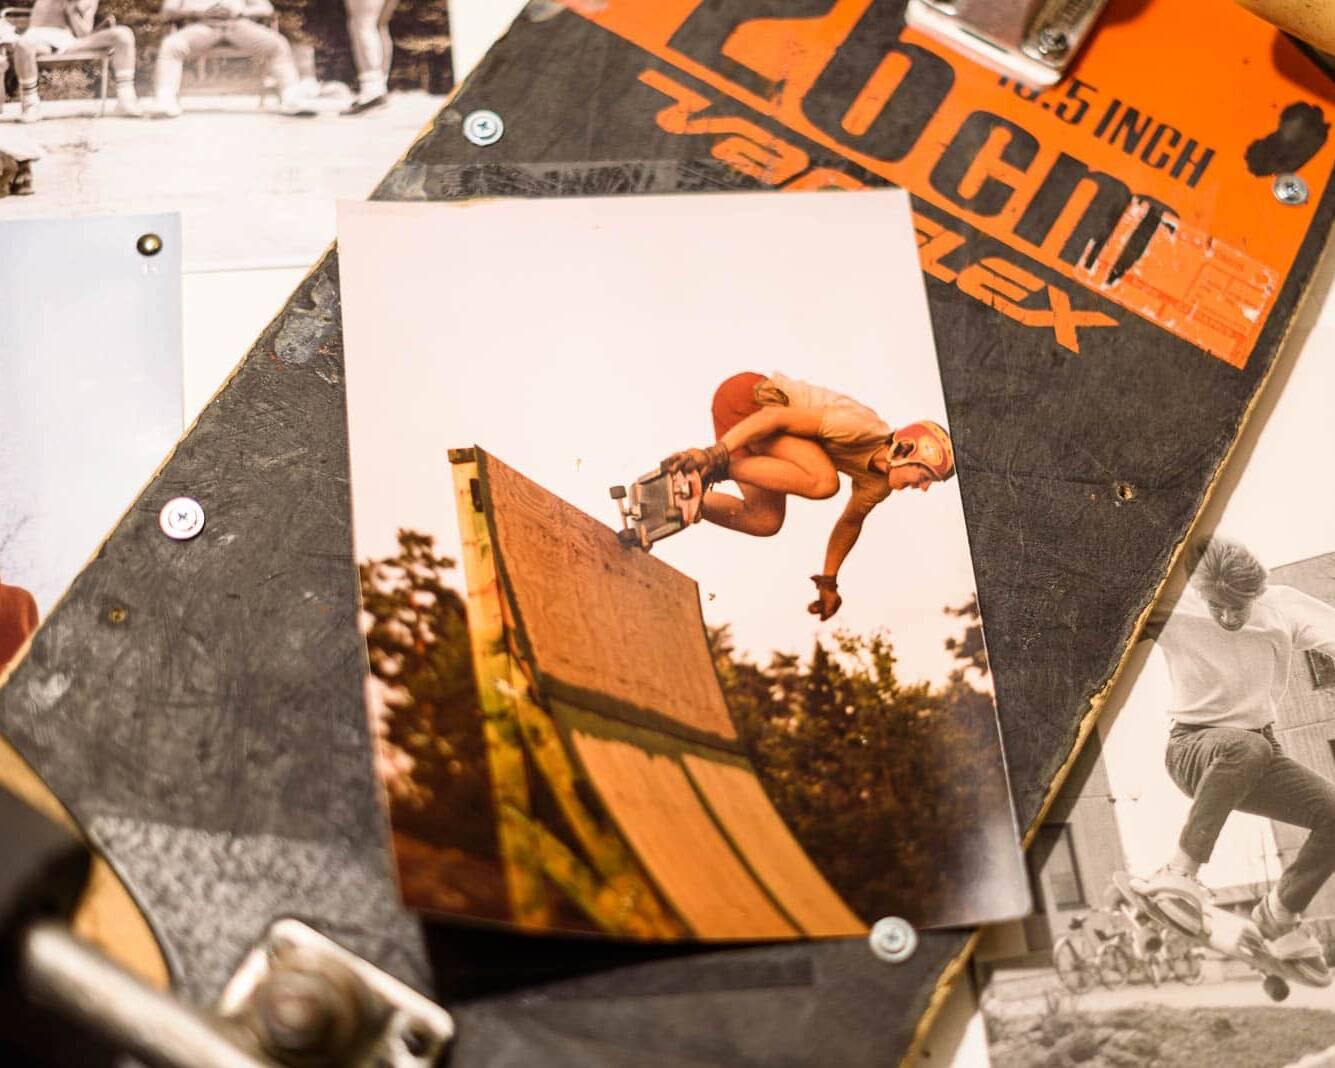 Skateboardmuseum Borghamn